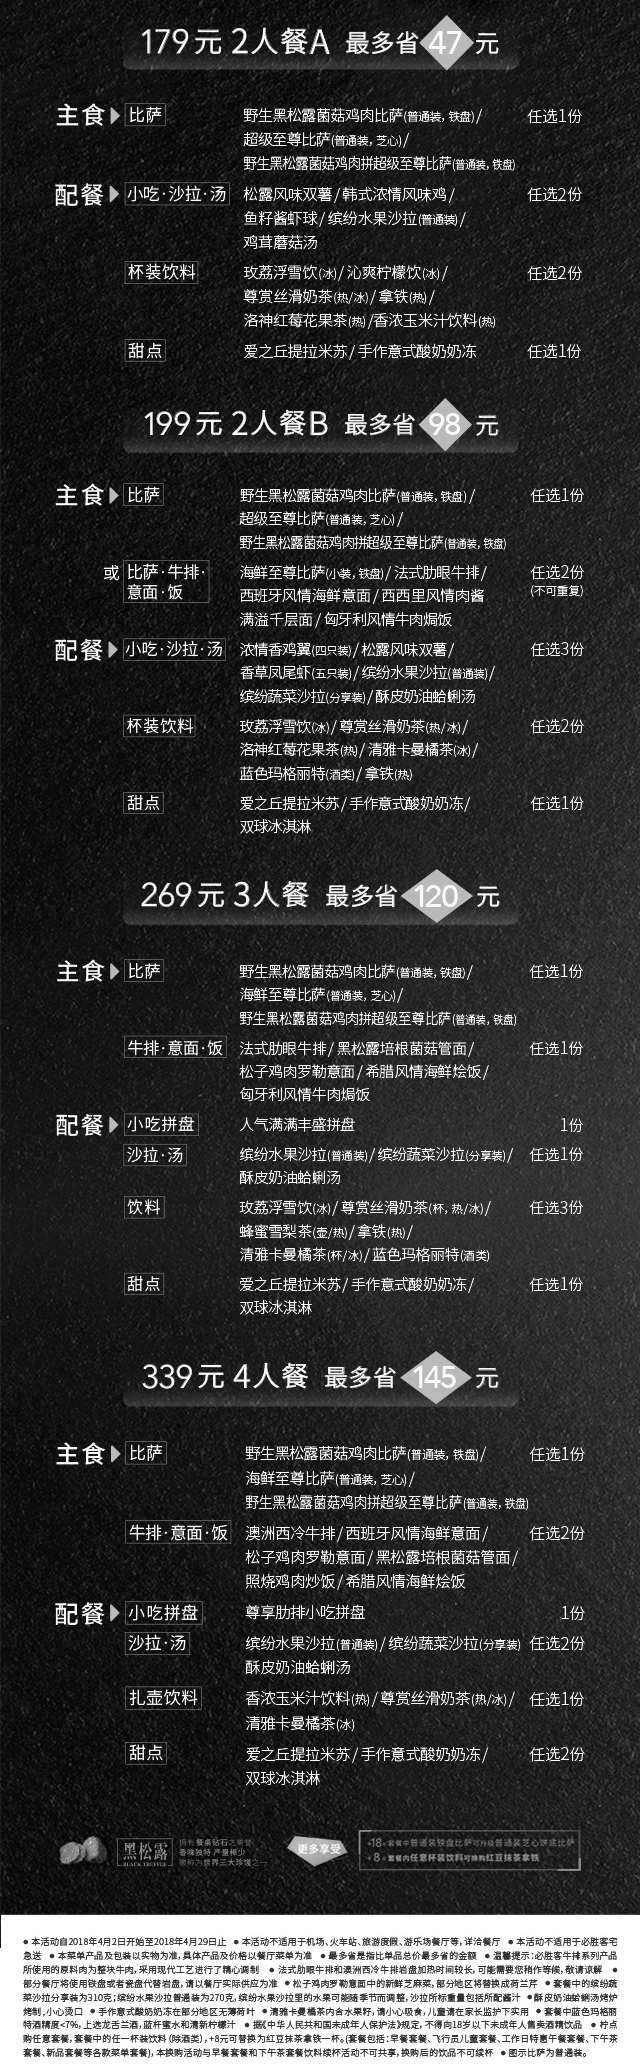 黑白优惠券图片:必胜客黑松露菌菇鸡肉比萨2人套餐17元起,3人餐269元,4人餐339元 - www.5ikfc.com